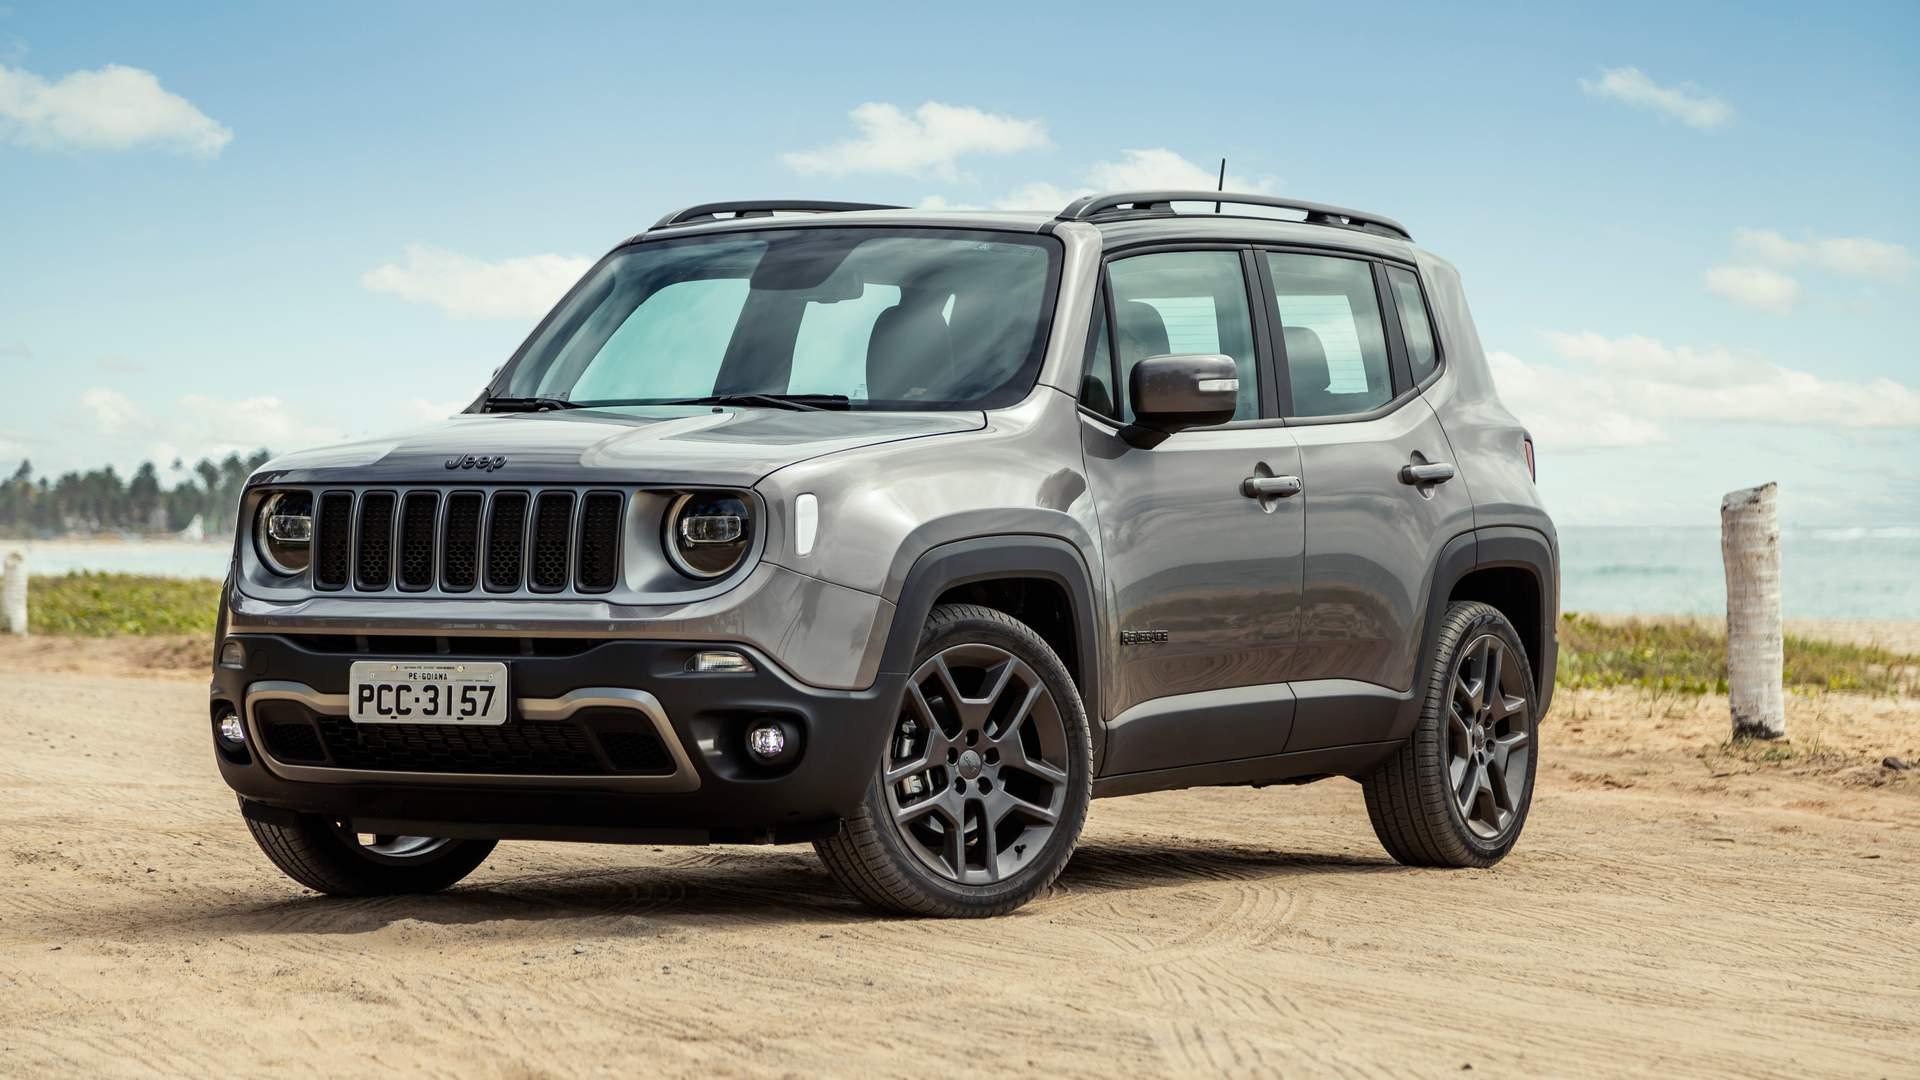 Jeep Renegade 2019 Pagina 34 Jeep Autopareri